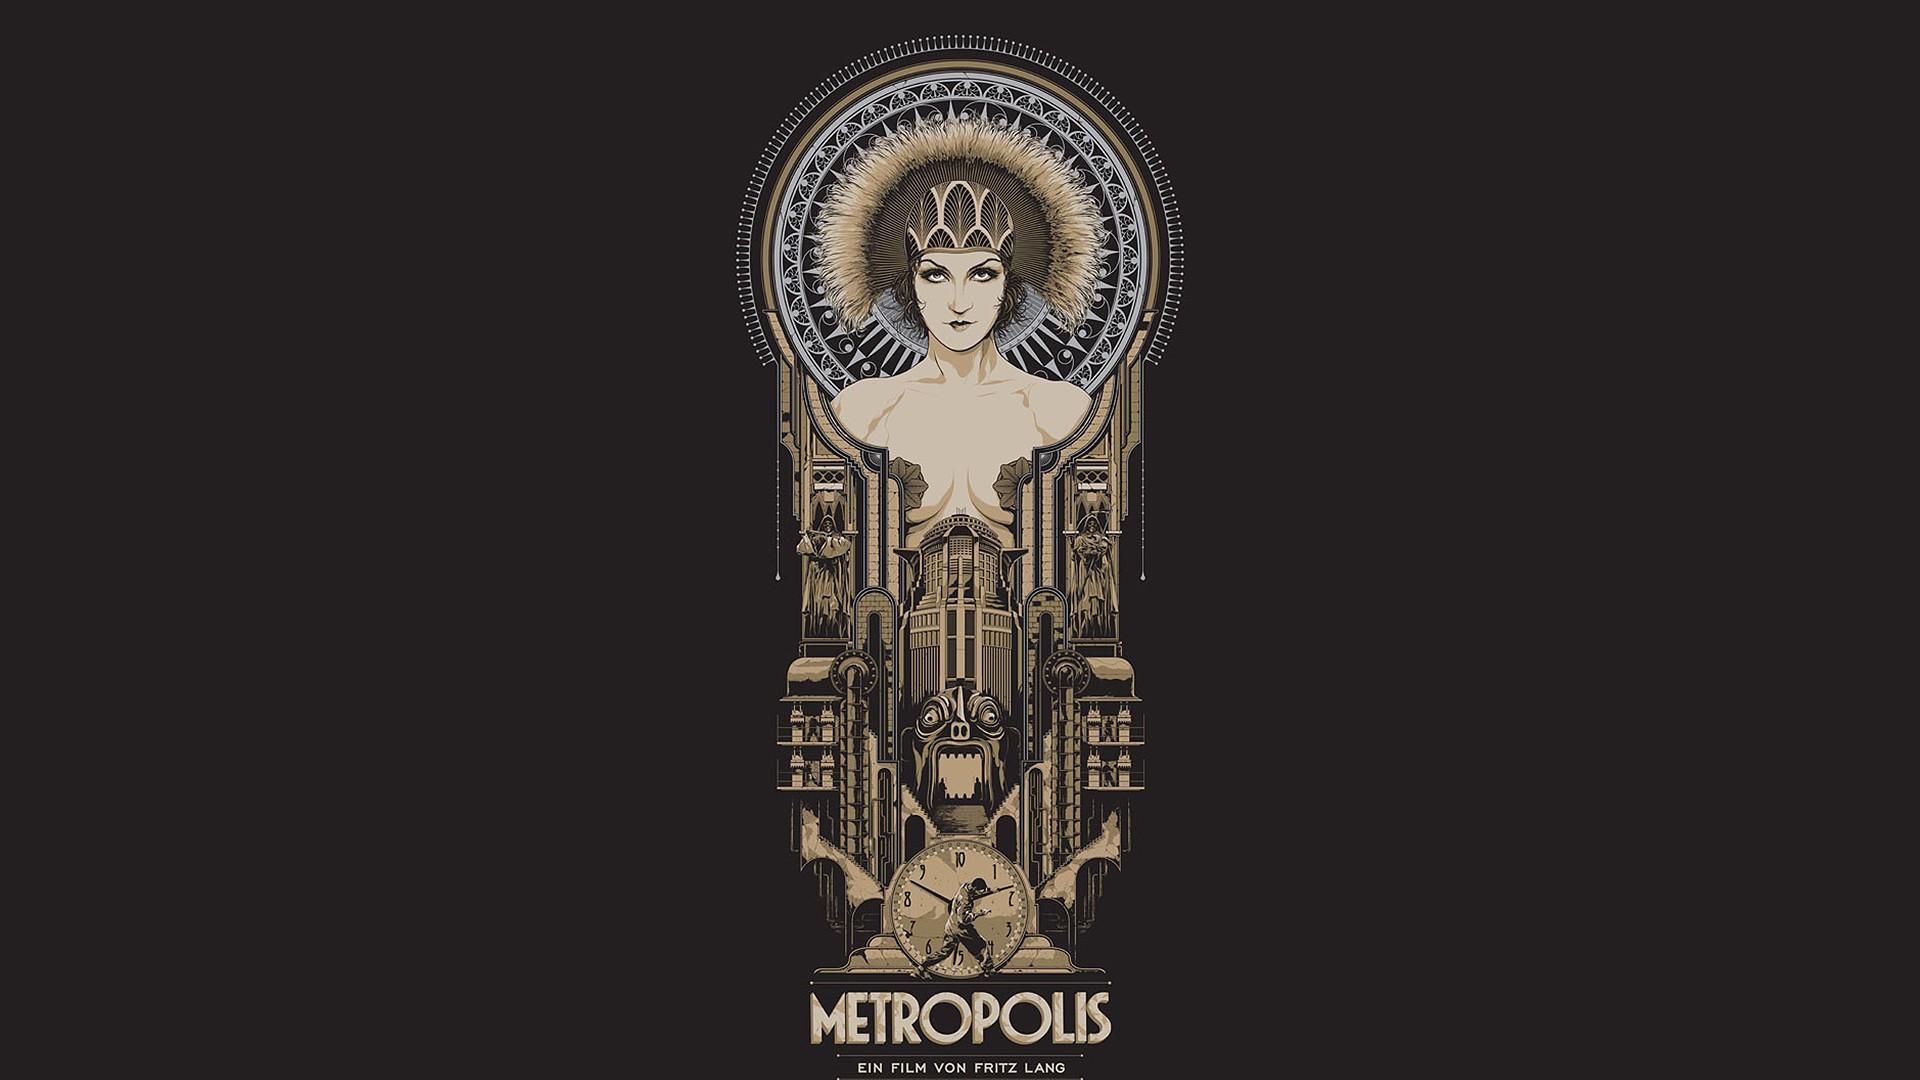 Metropolis Computer Wallpapers, Desktop Backgrounds | 1920x1080 | ID ...